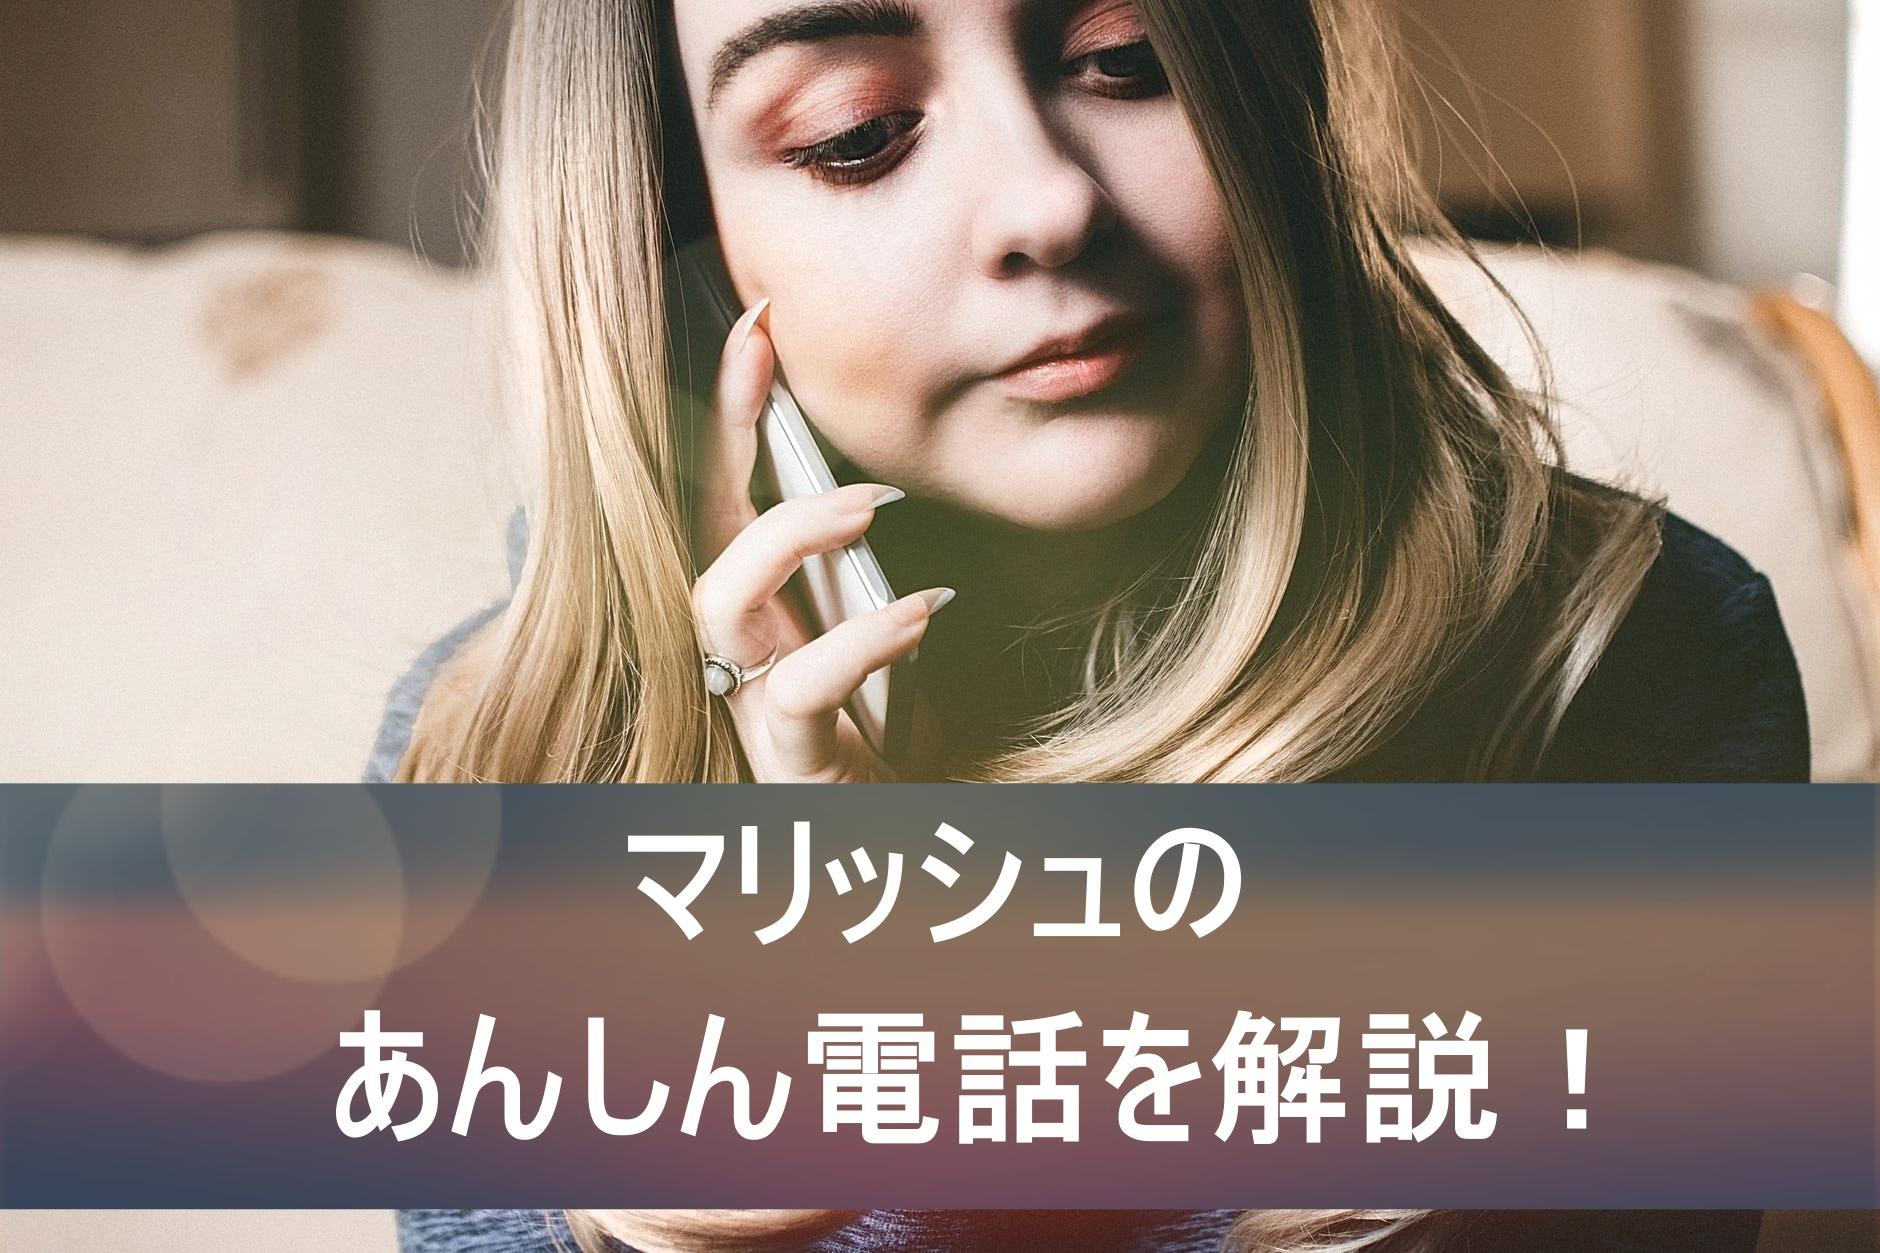 【あんしん電話】LINE交換するの怖い!マリッシュだけが交換せずに電話できる!